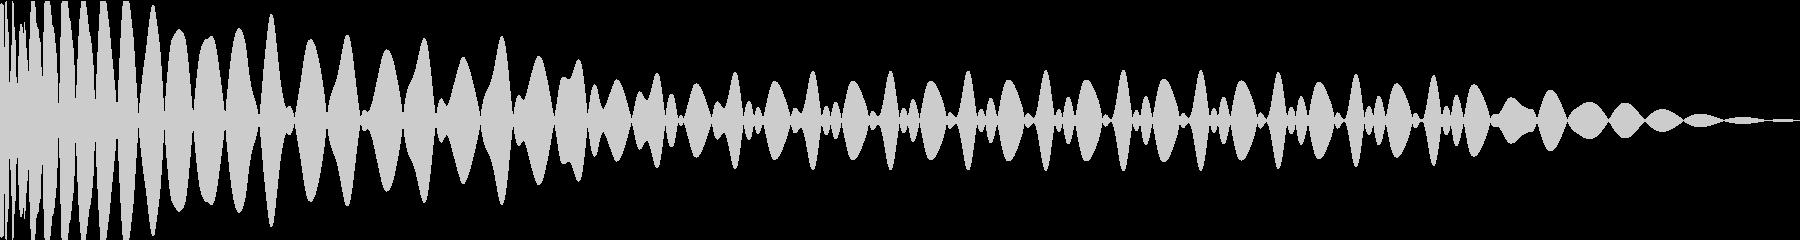 EDMキック キーFの未再生の波形